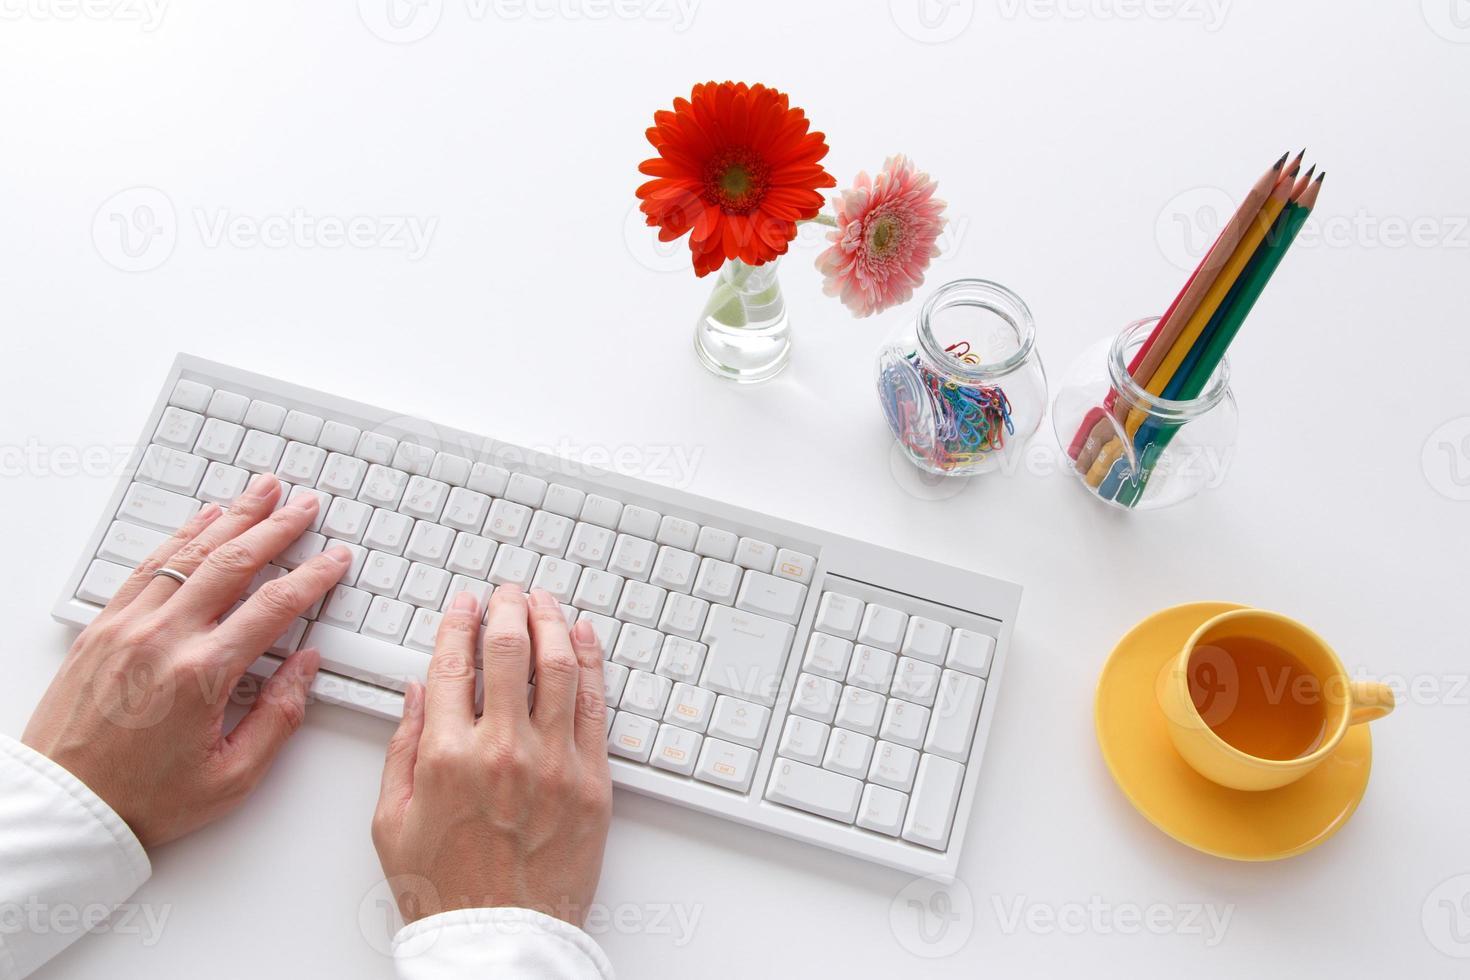 tastiera del computer sulla scrivania foto